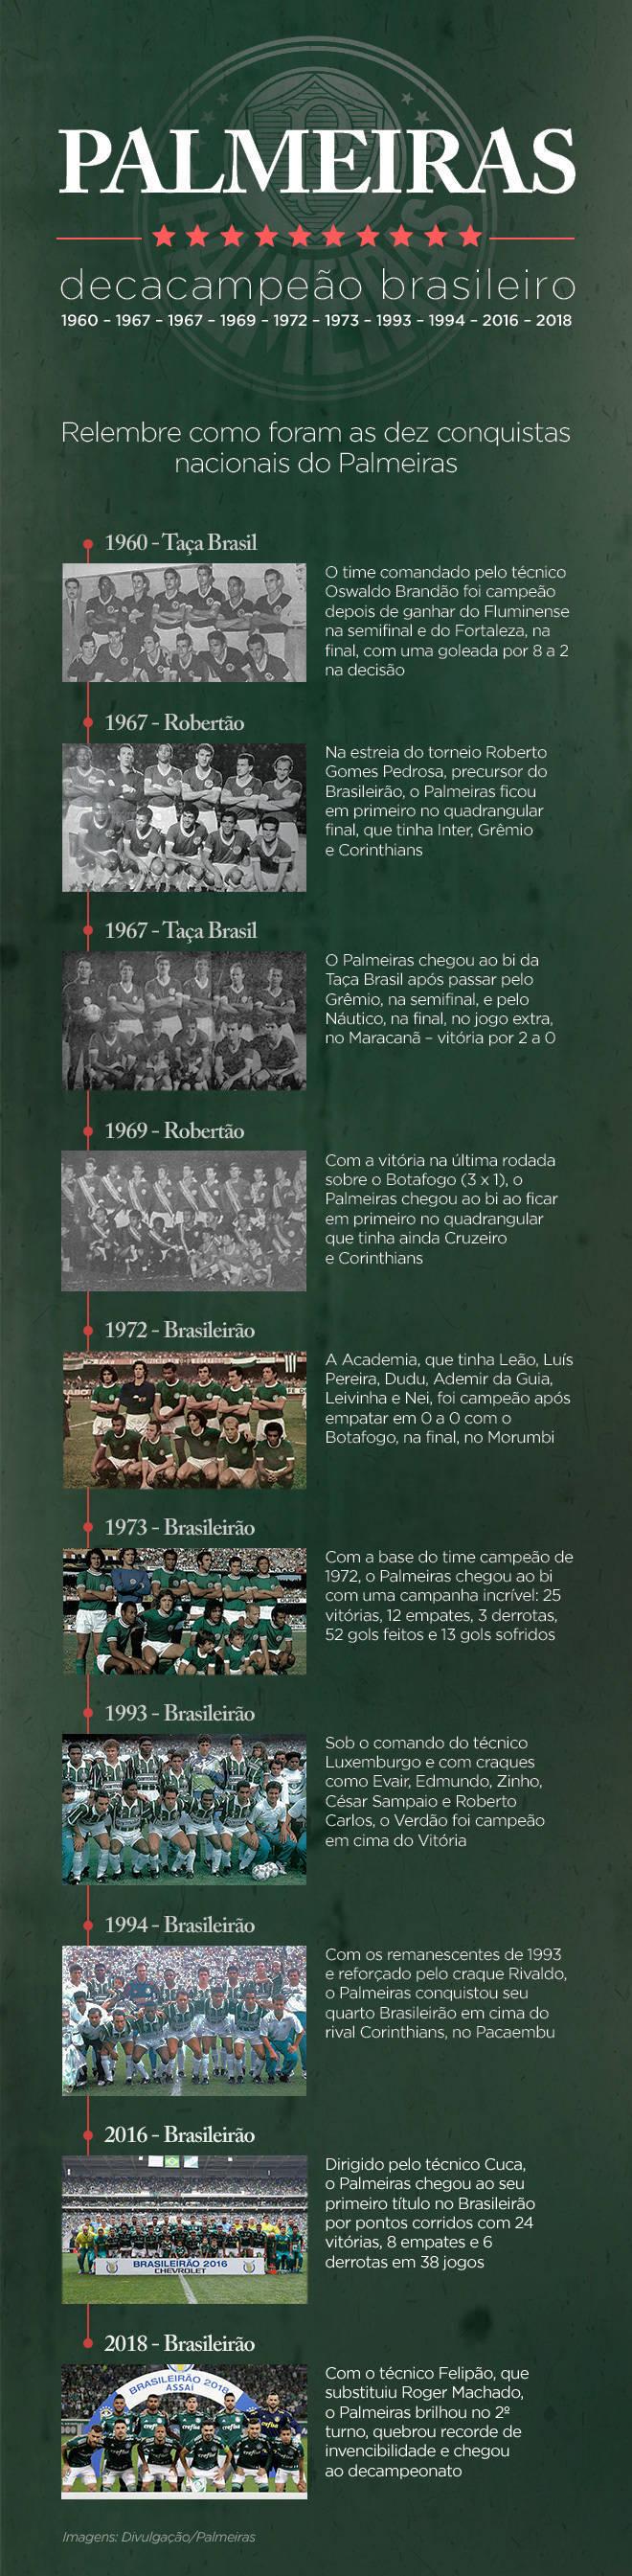 Timeline Palmeiras decacampeão